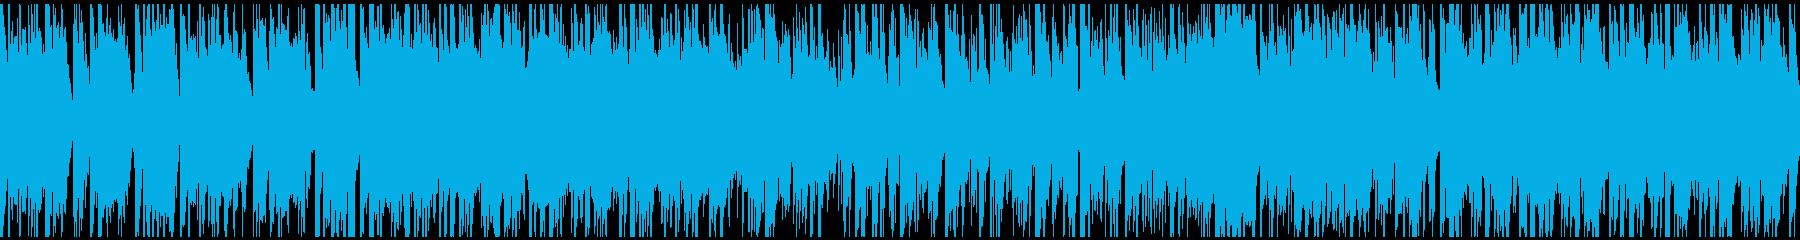 ヒップホップ系ジャズファンク ※ループ版の再生済みの波形